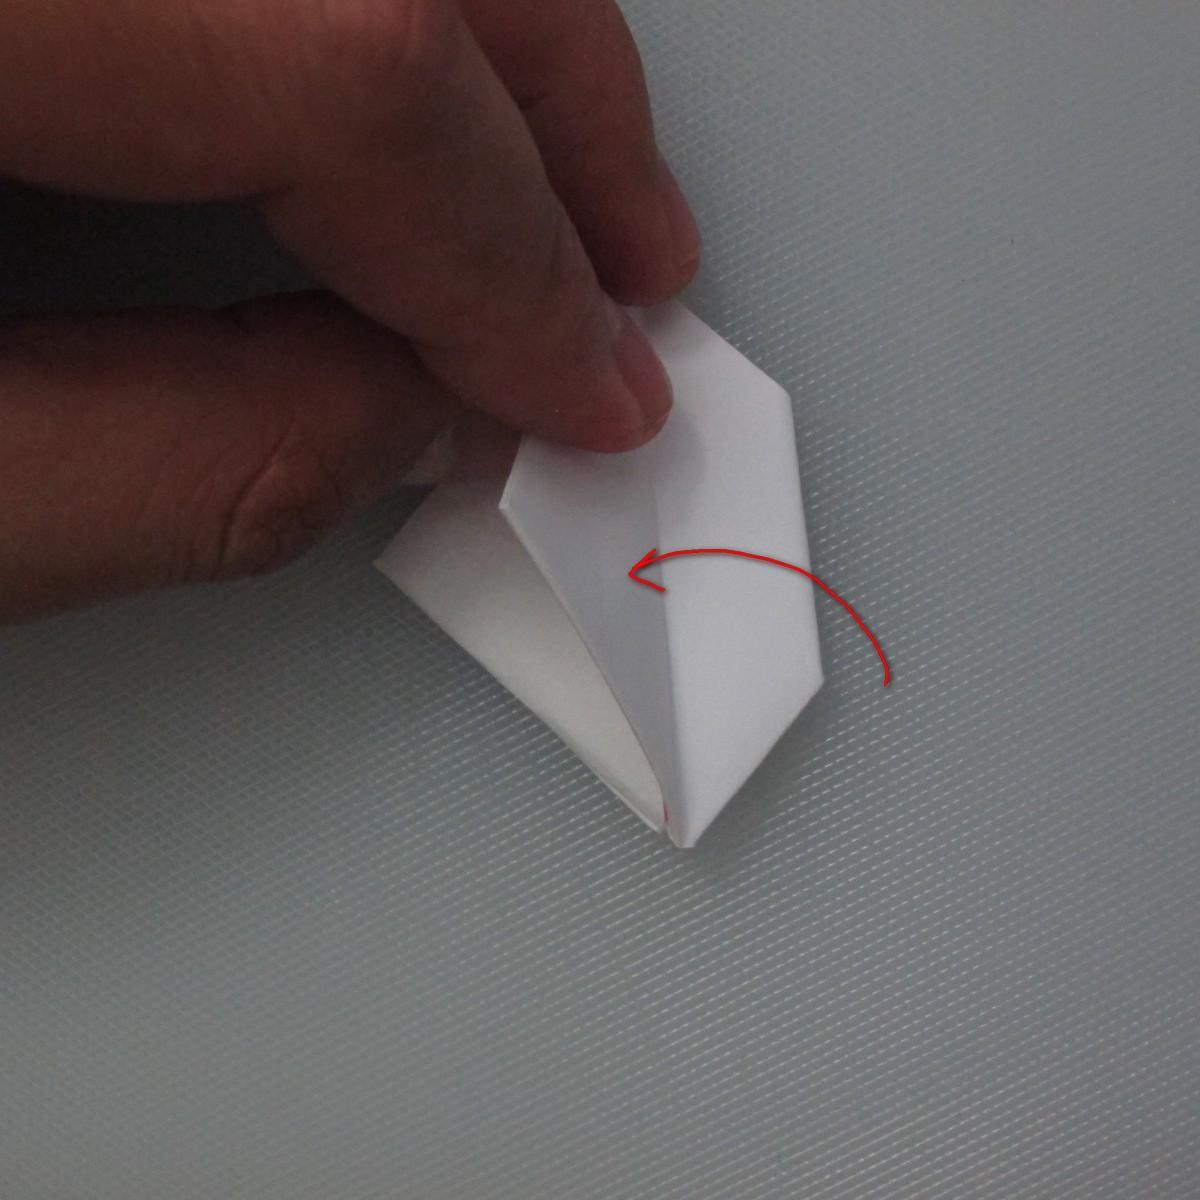 วิธีการพับกระดาษเป็นรูปกระต่าย 009